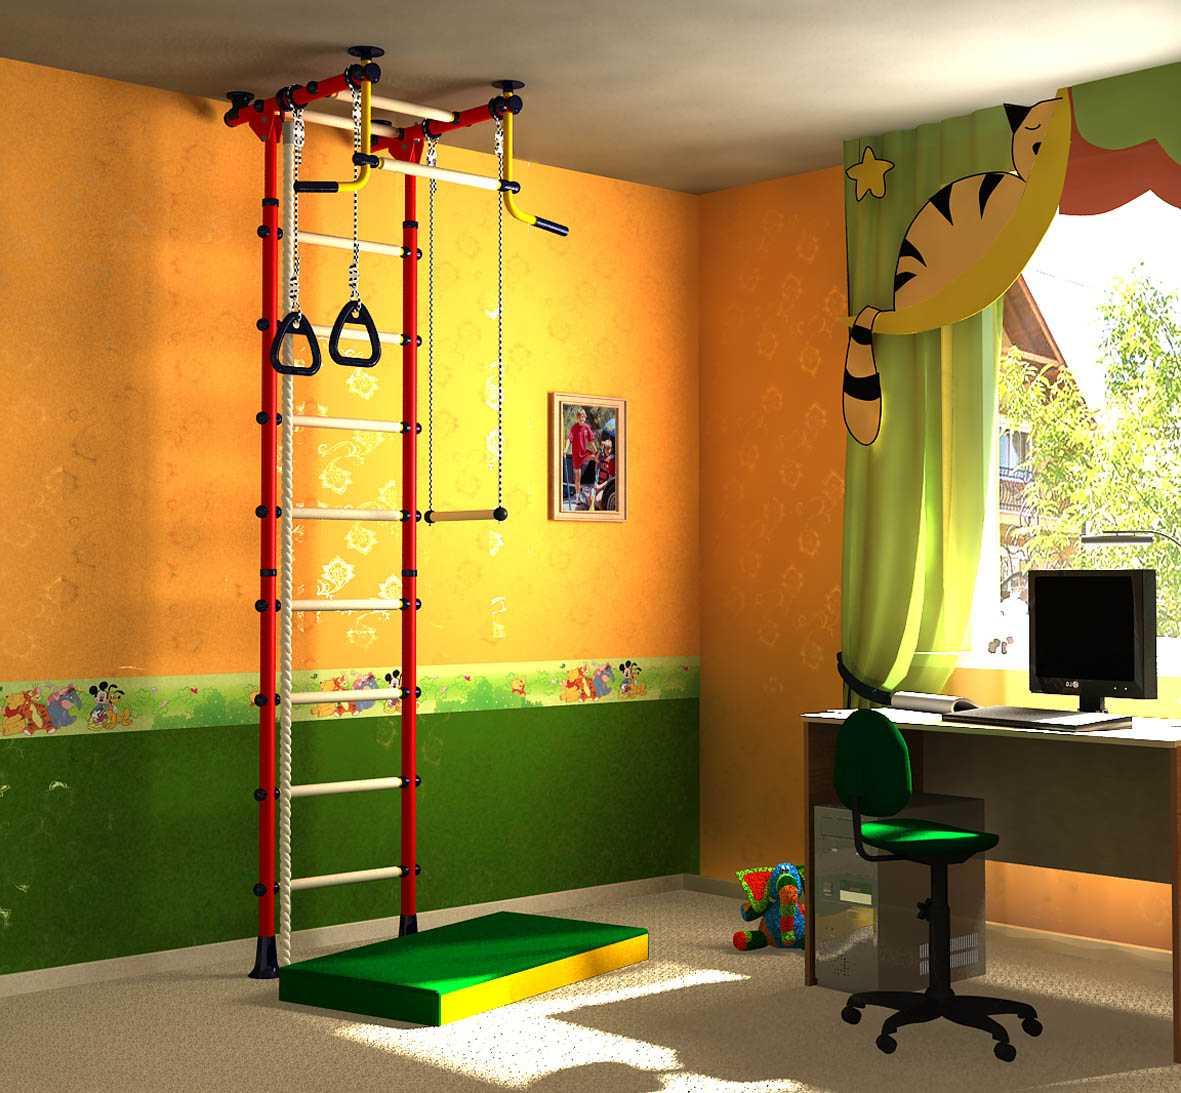 Как в комнате сделать спортивный уголок